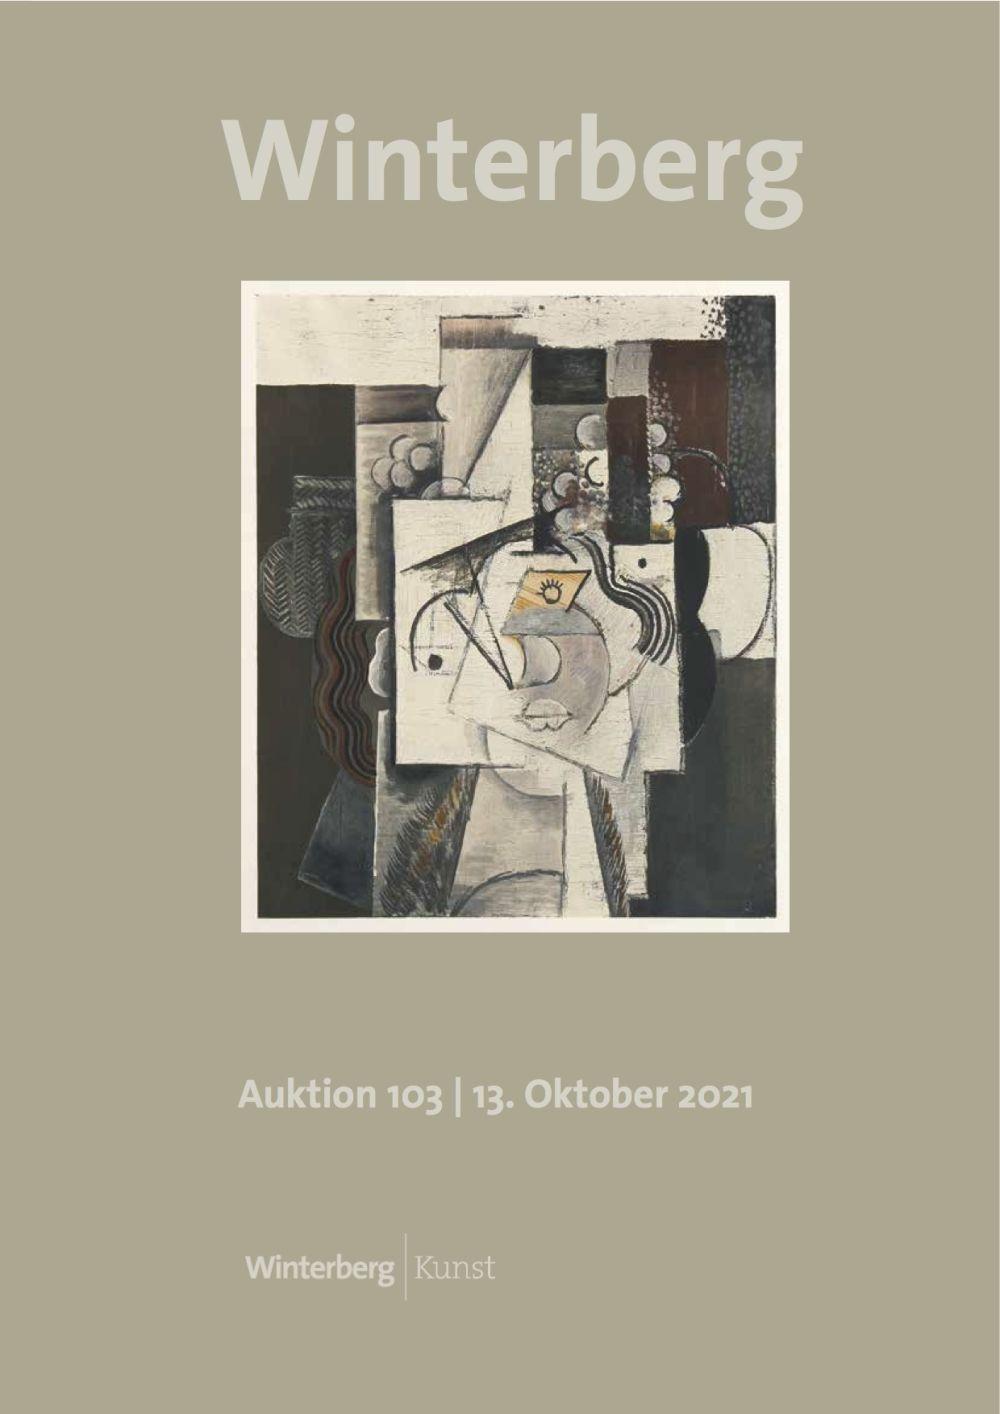 Auction 103 - Fine Art